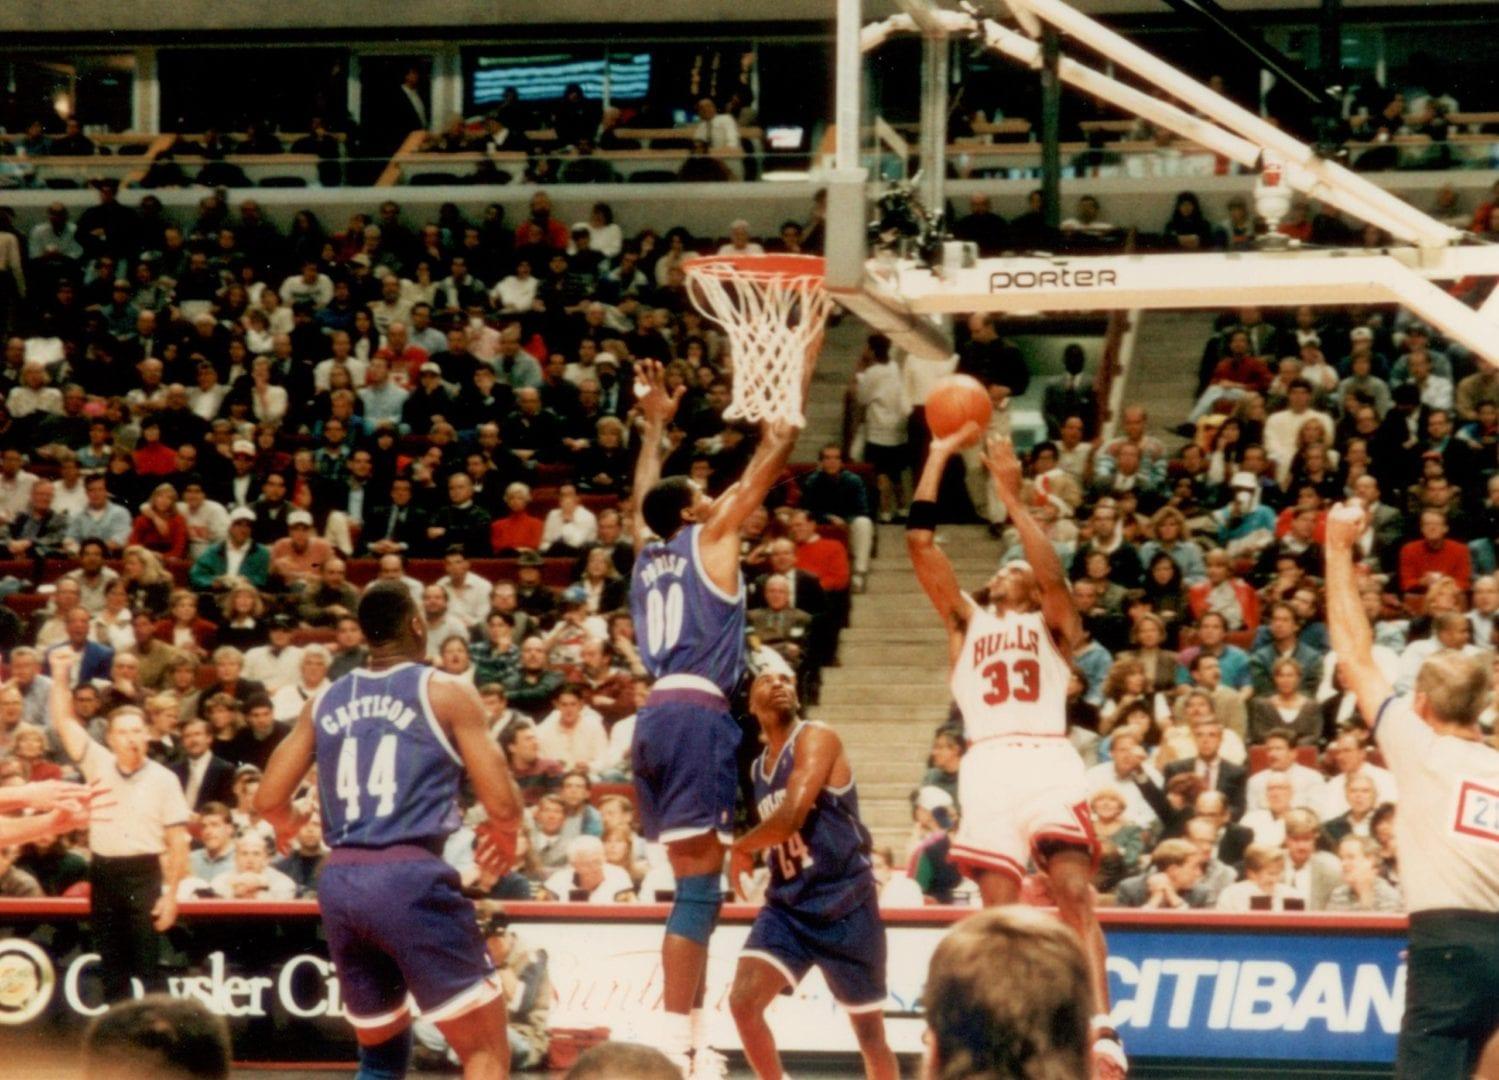 Scottie Pippen doing a jump shot